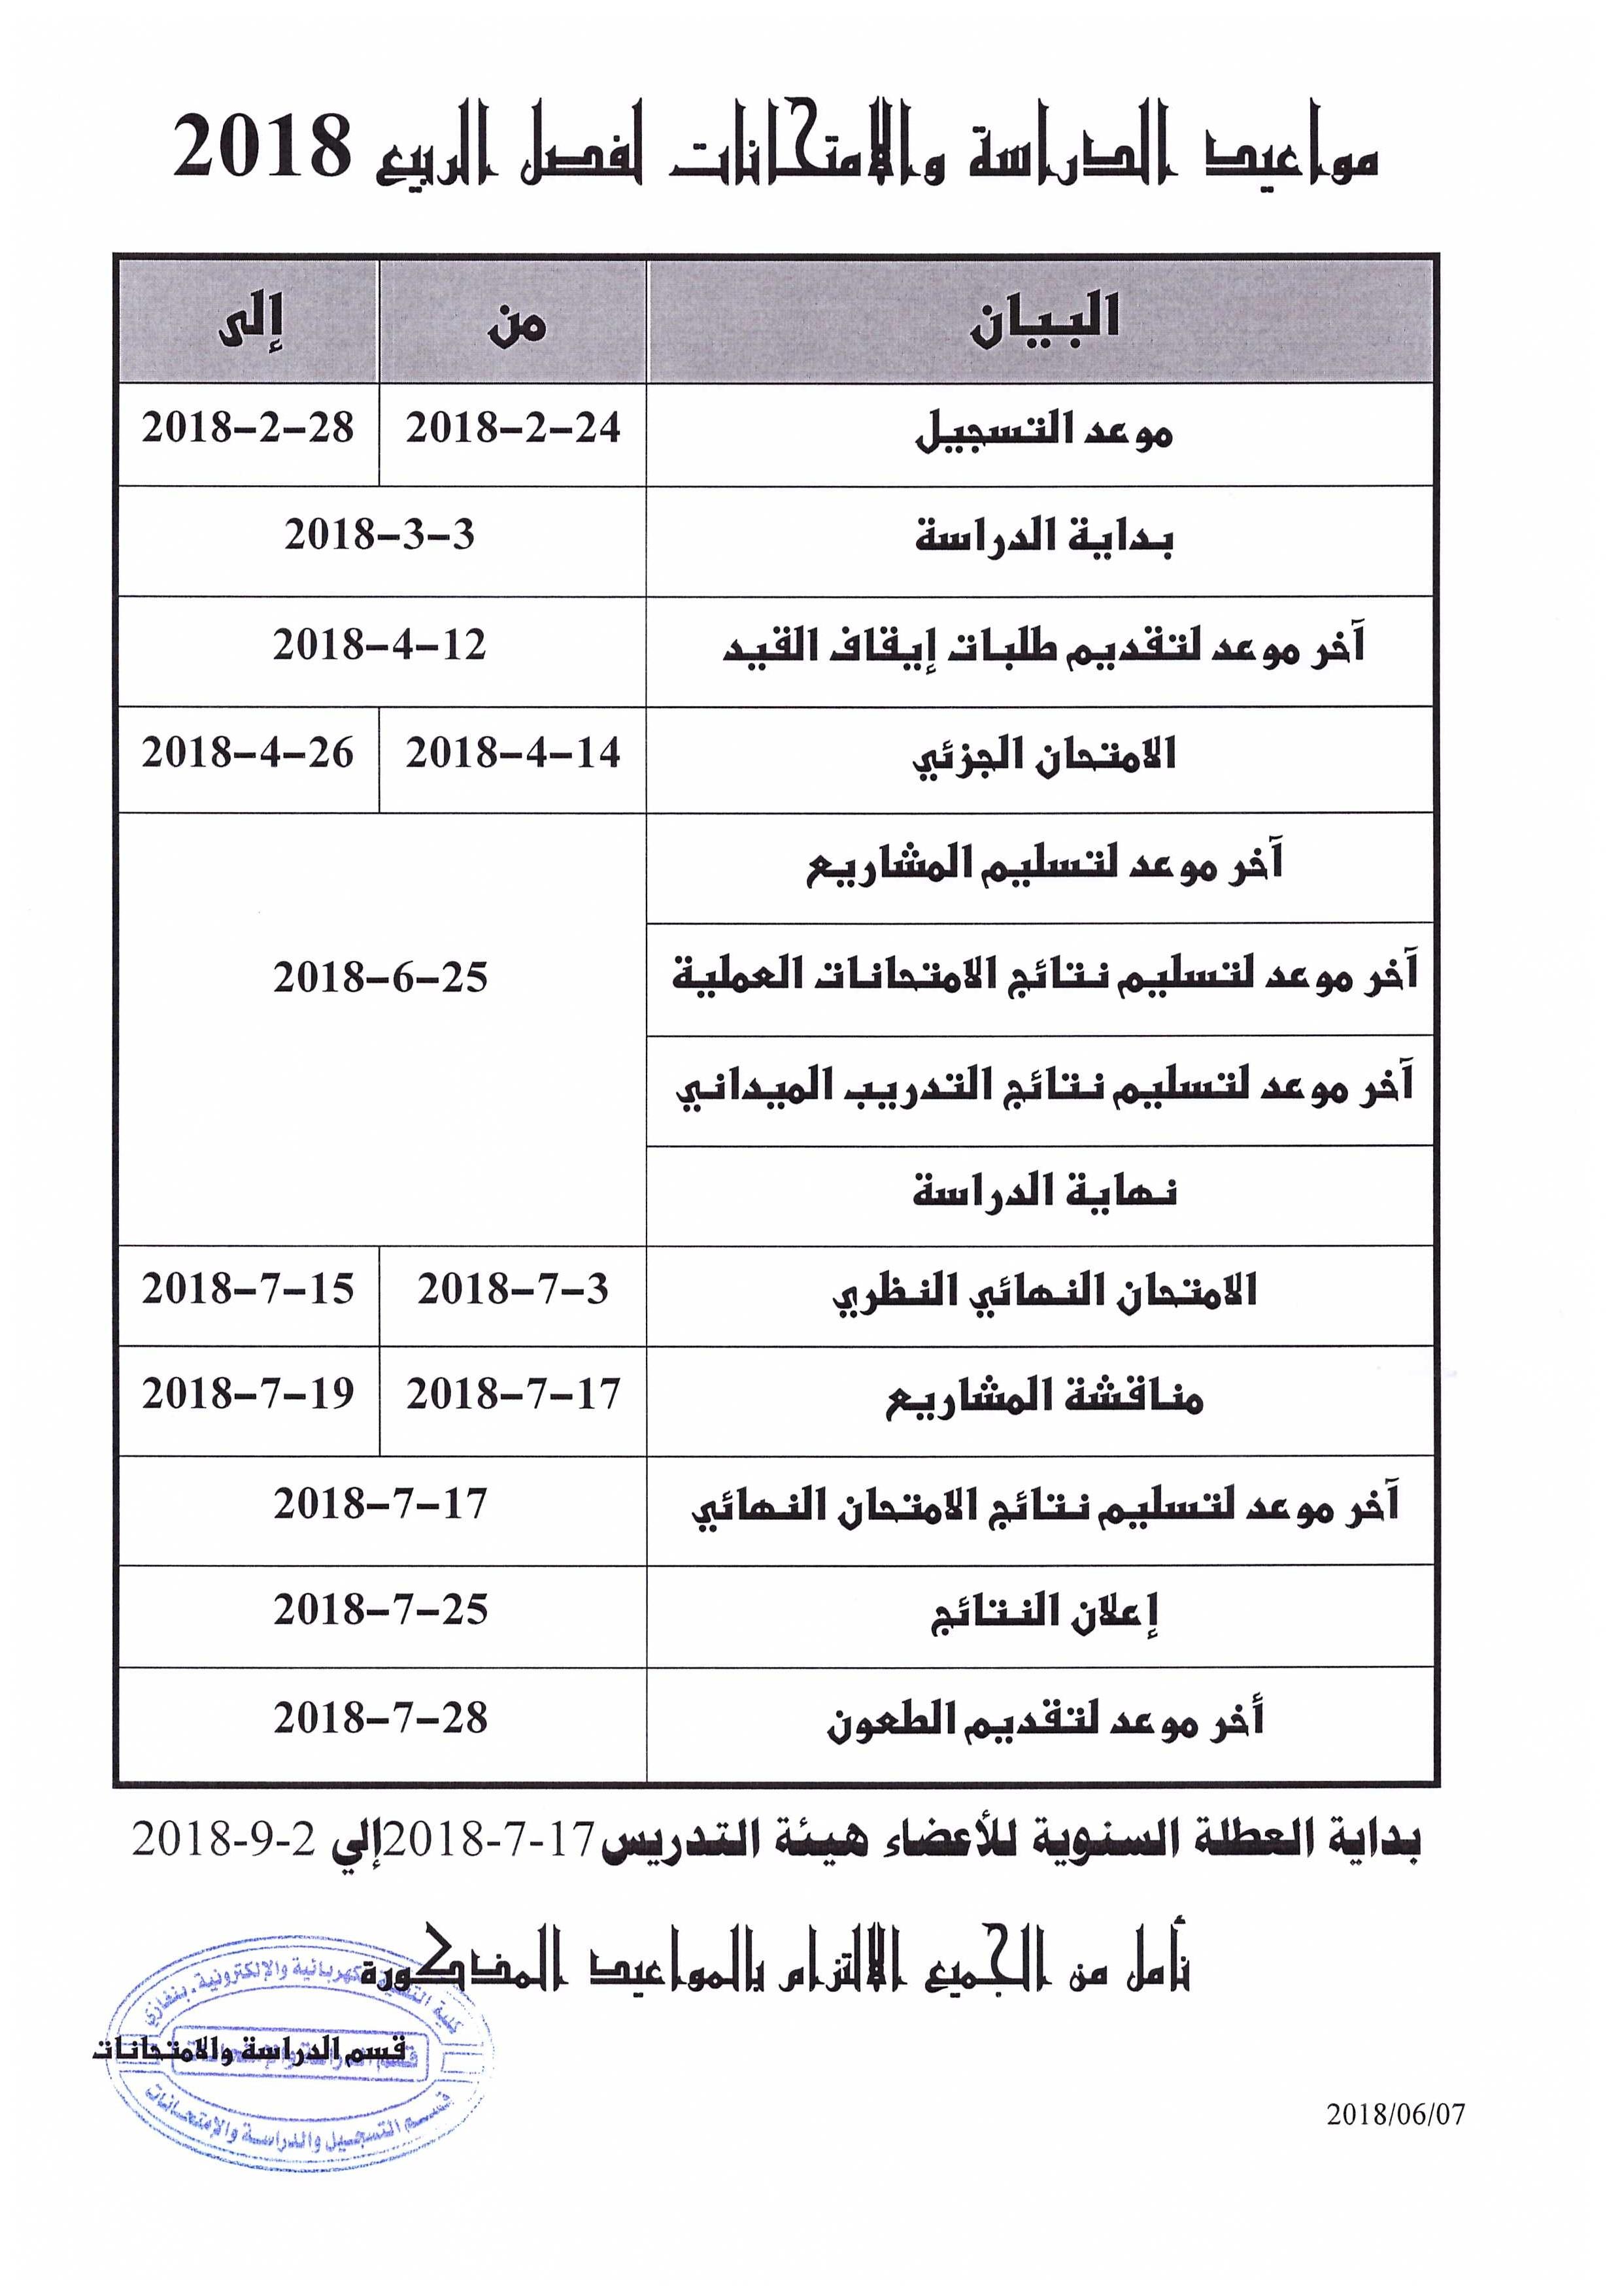 مواعيد الدراسة والامتحانات  لفصل الربيع 2018